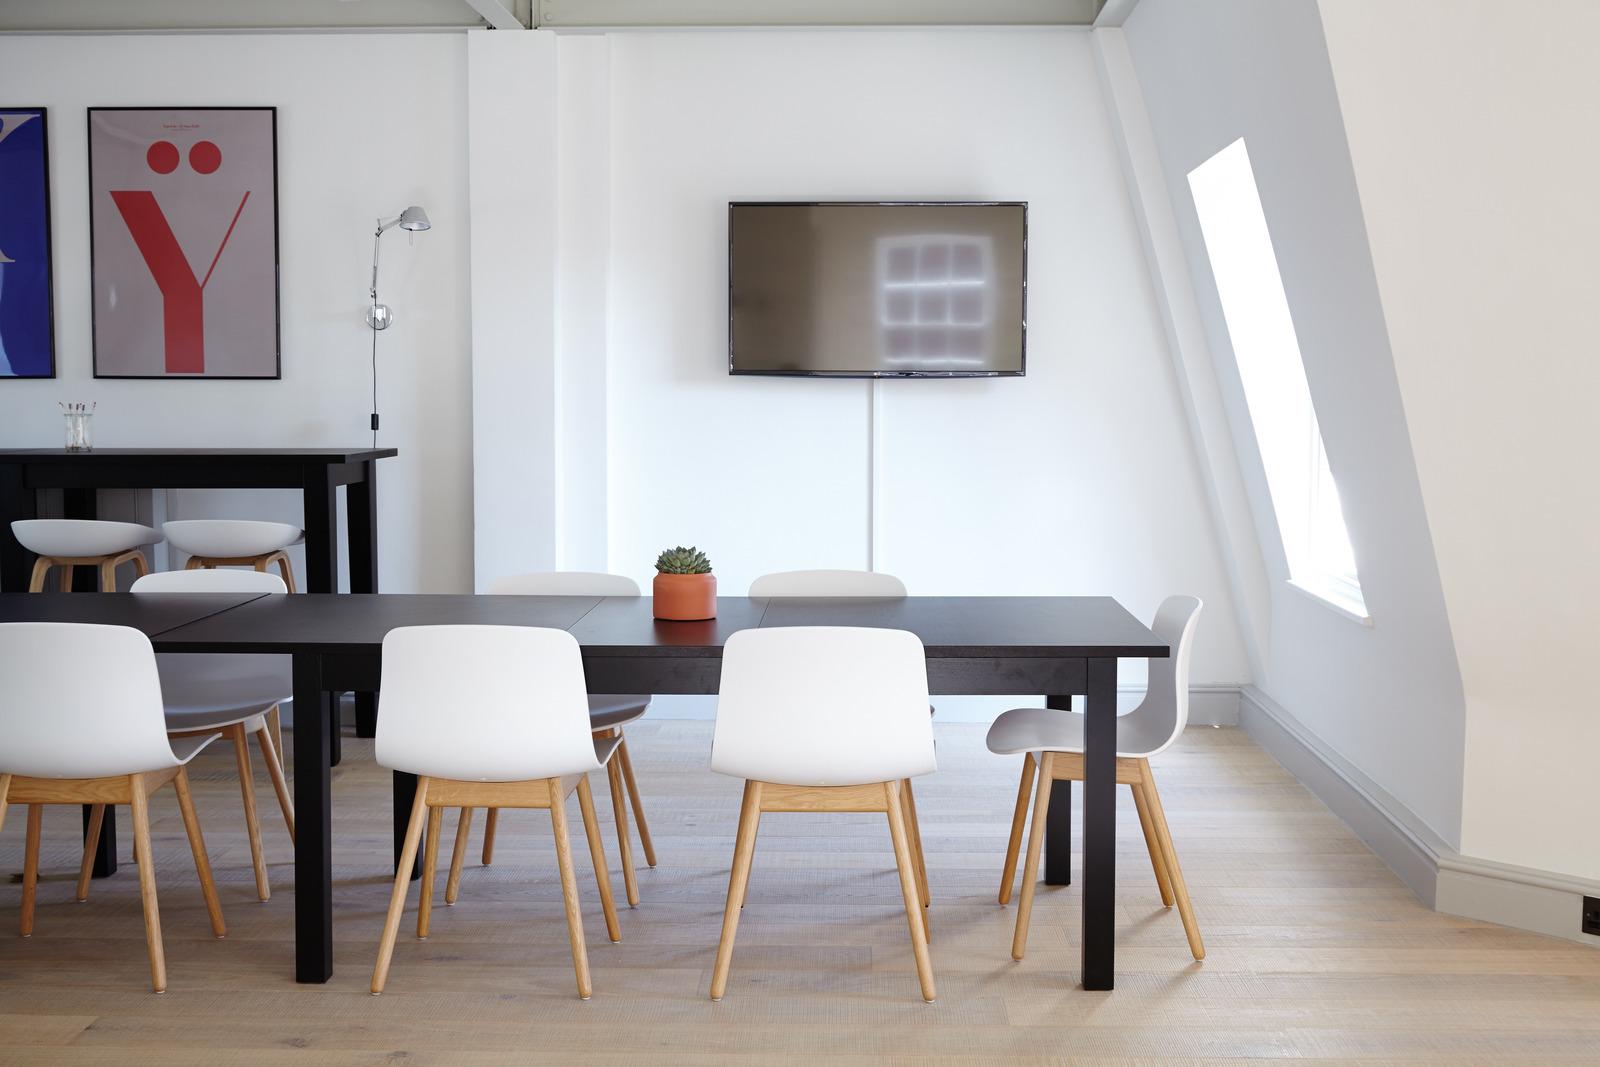 Canva - Minimalist Office Meeting Room (1)